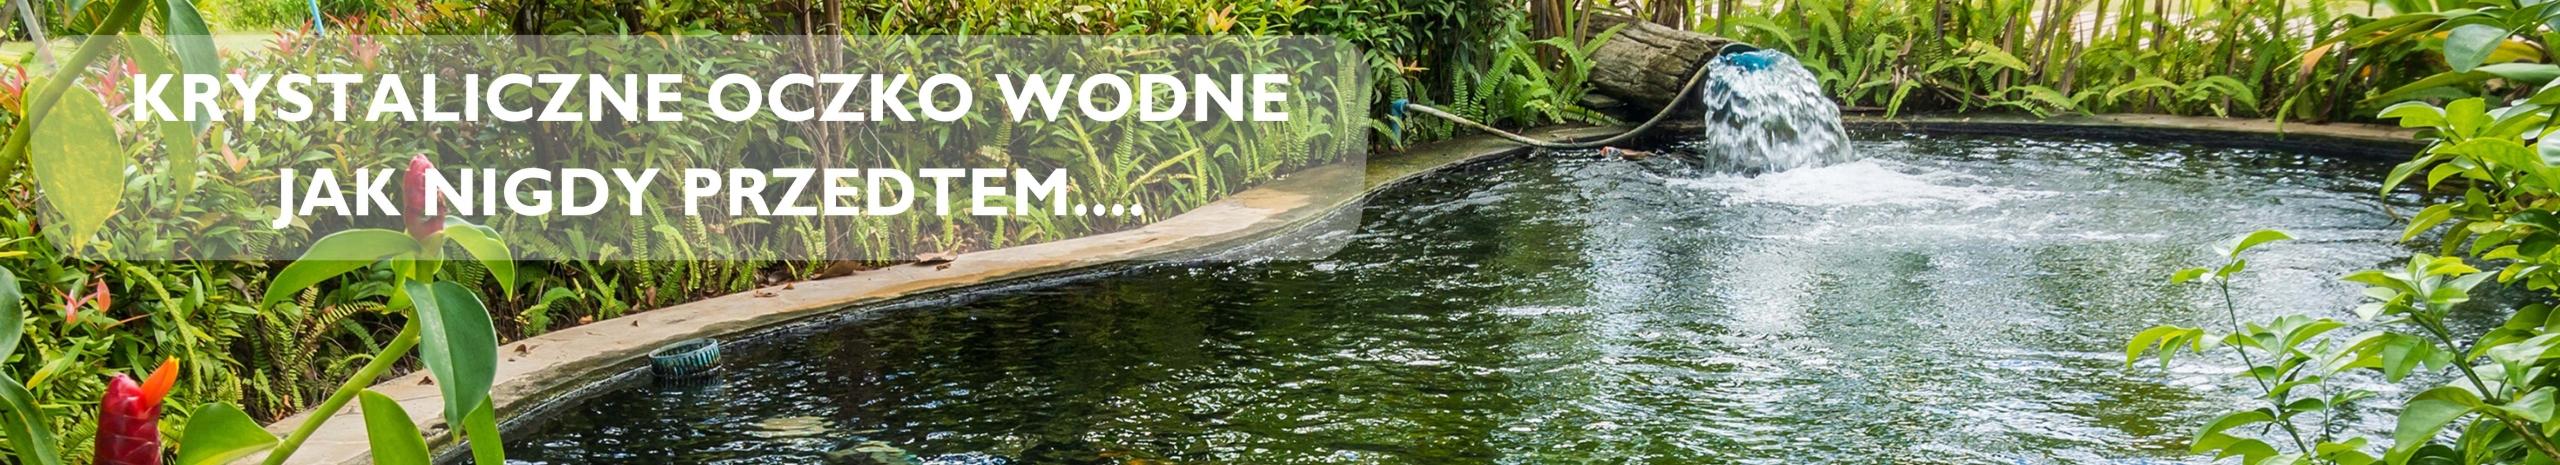 Цеолит для аквариума 5 кг EAN 5907524086136